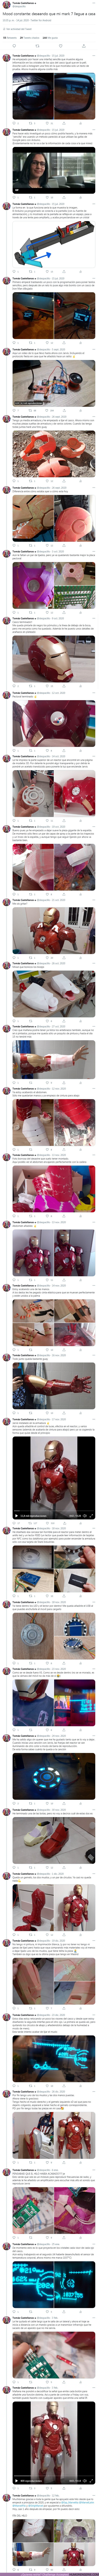 74799 - HILO: Un genio de Twitter detalla todos los pasos mientras fabrica su propio traje de Iron Man